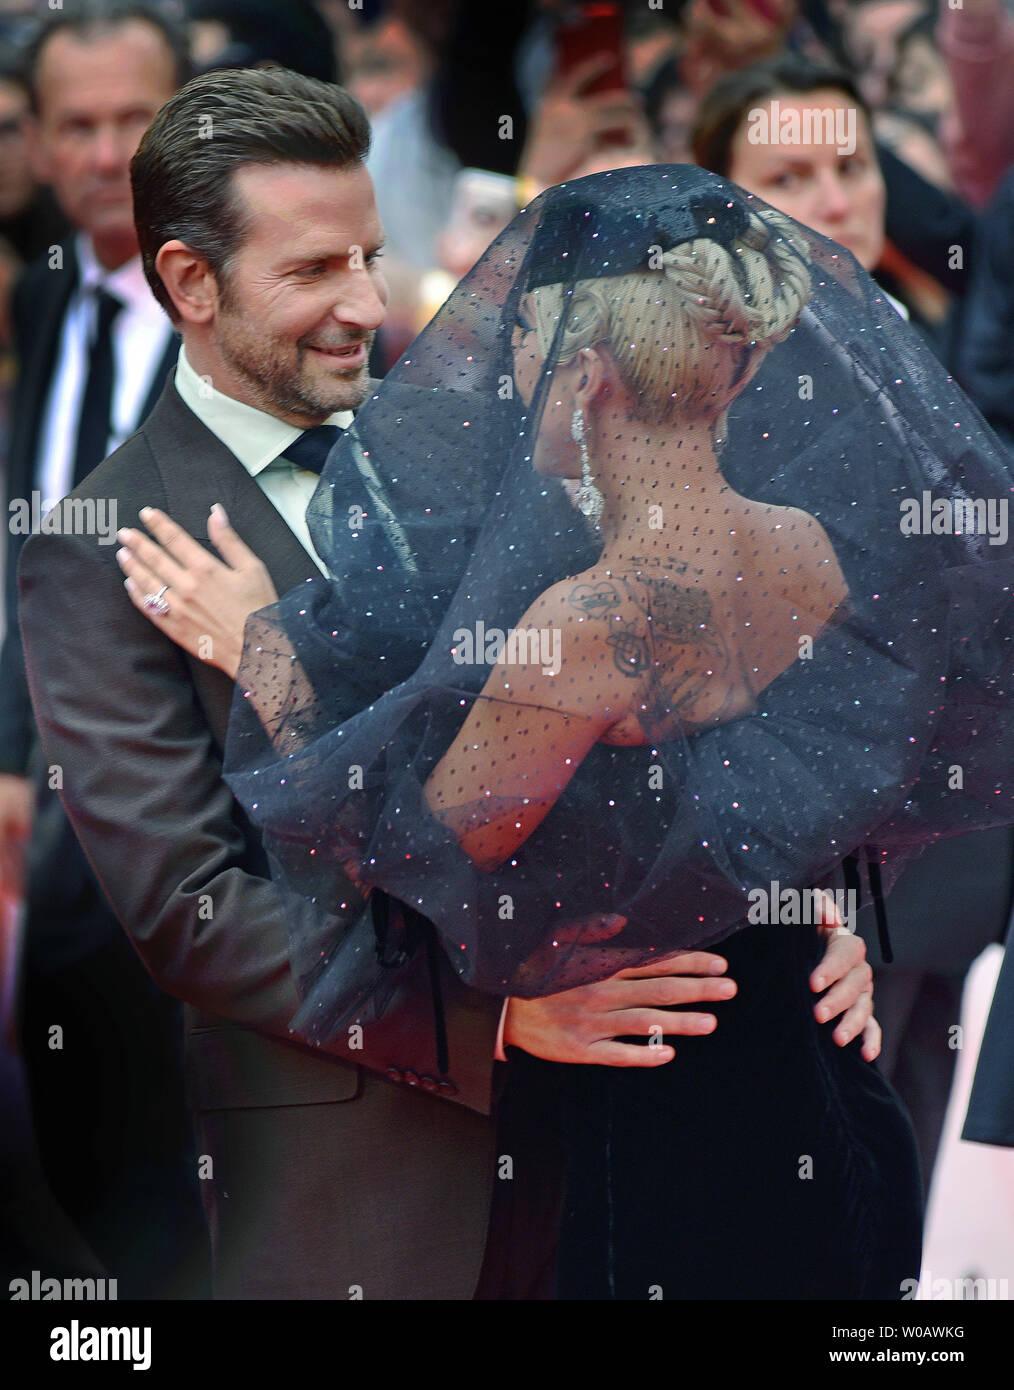 Lady Gaga E Bradley Cooper È Nata Una Stella Immagini e Fotos Stock - Alamy